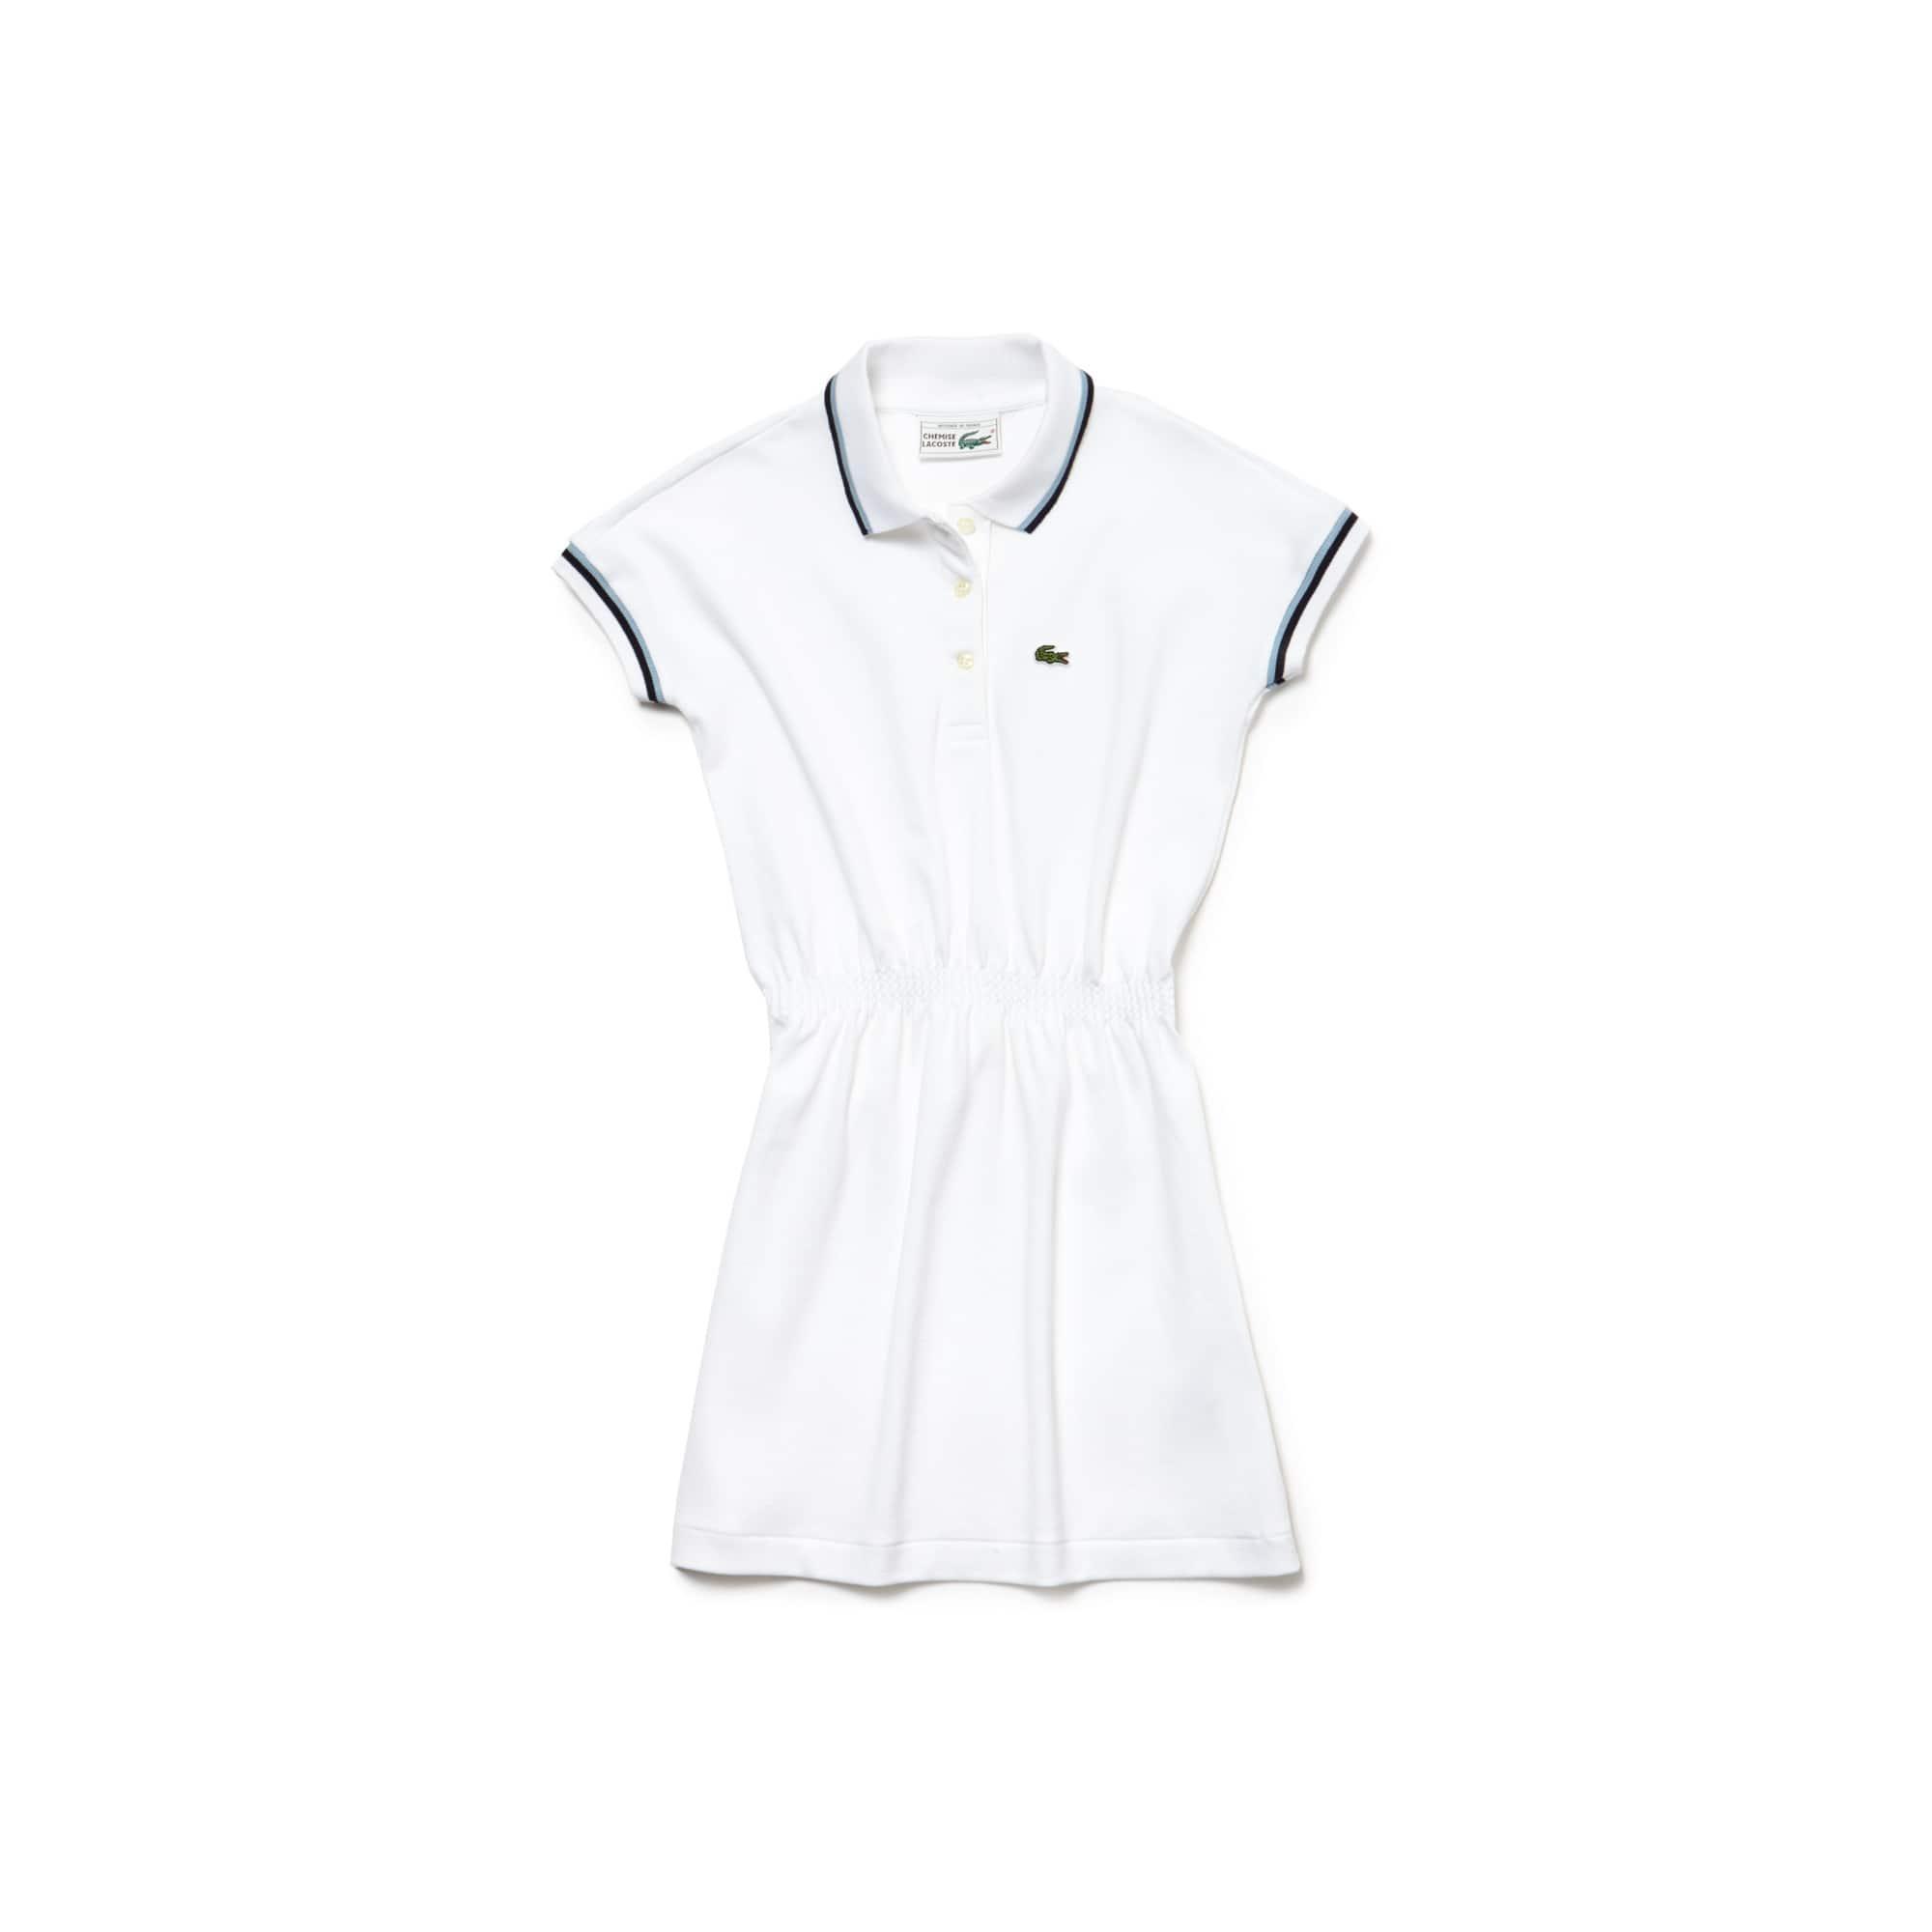 Vestido polo Menina Lacoste em piqué stretch Edição limitada Aniversário 85 anos Reedição anos 80